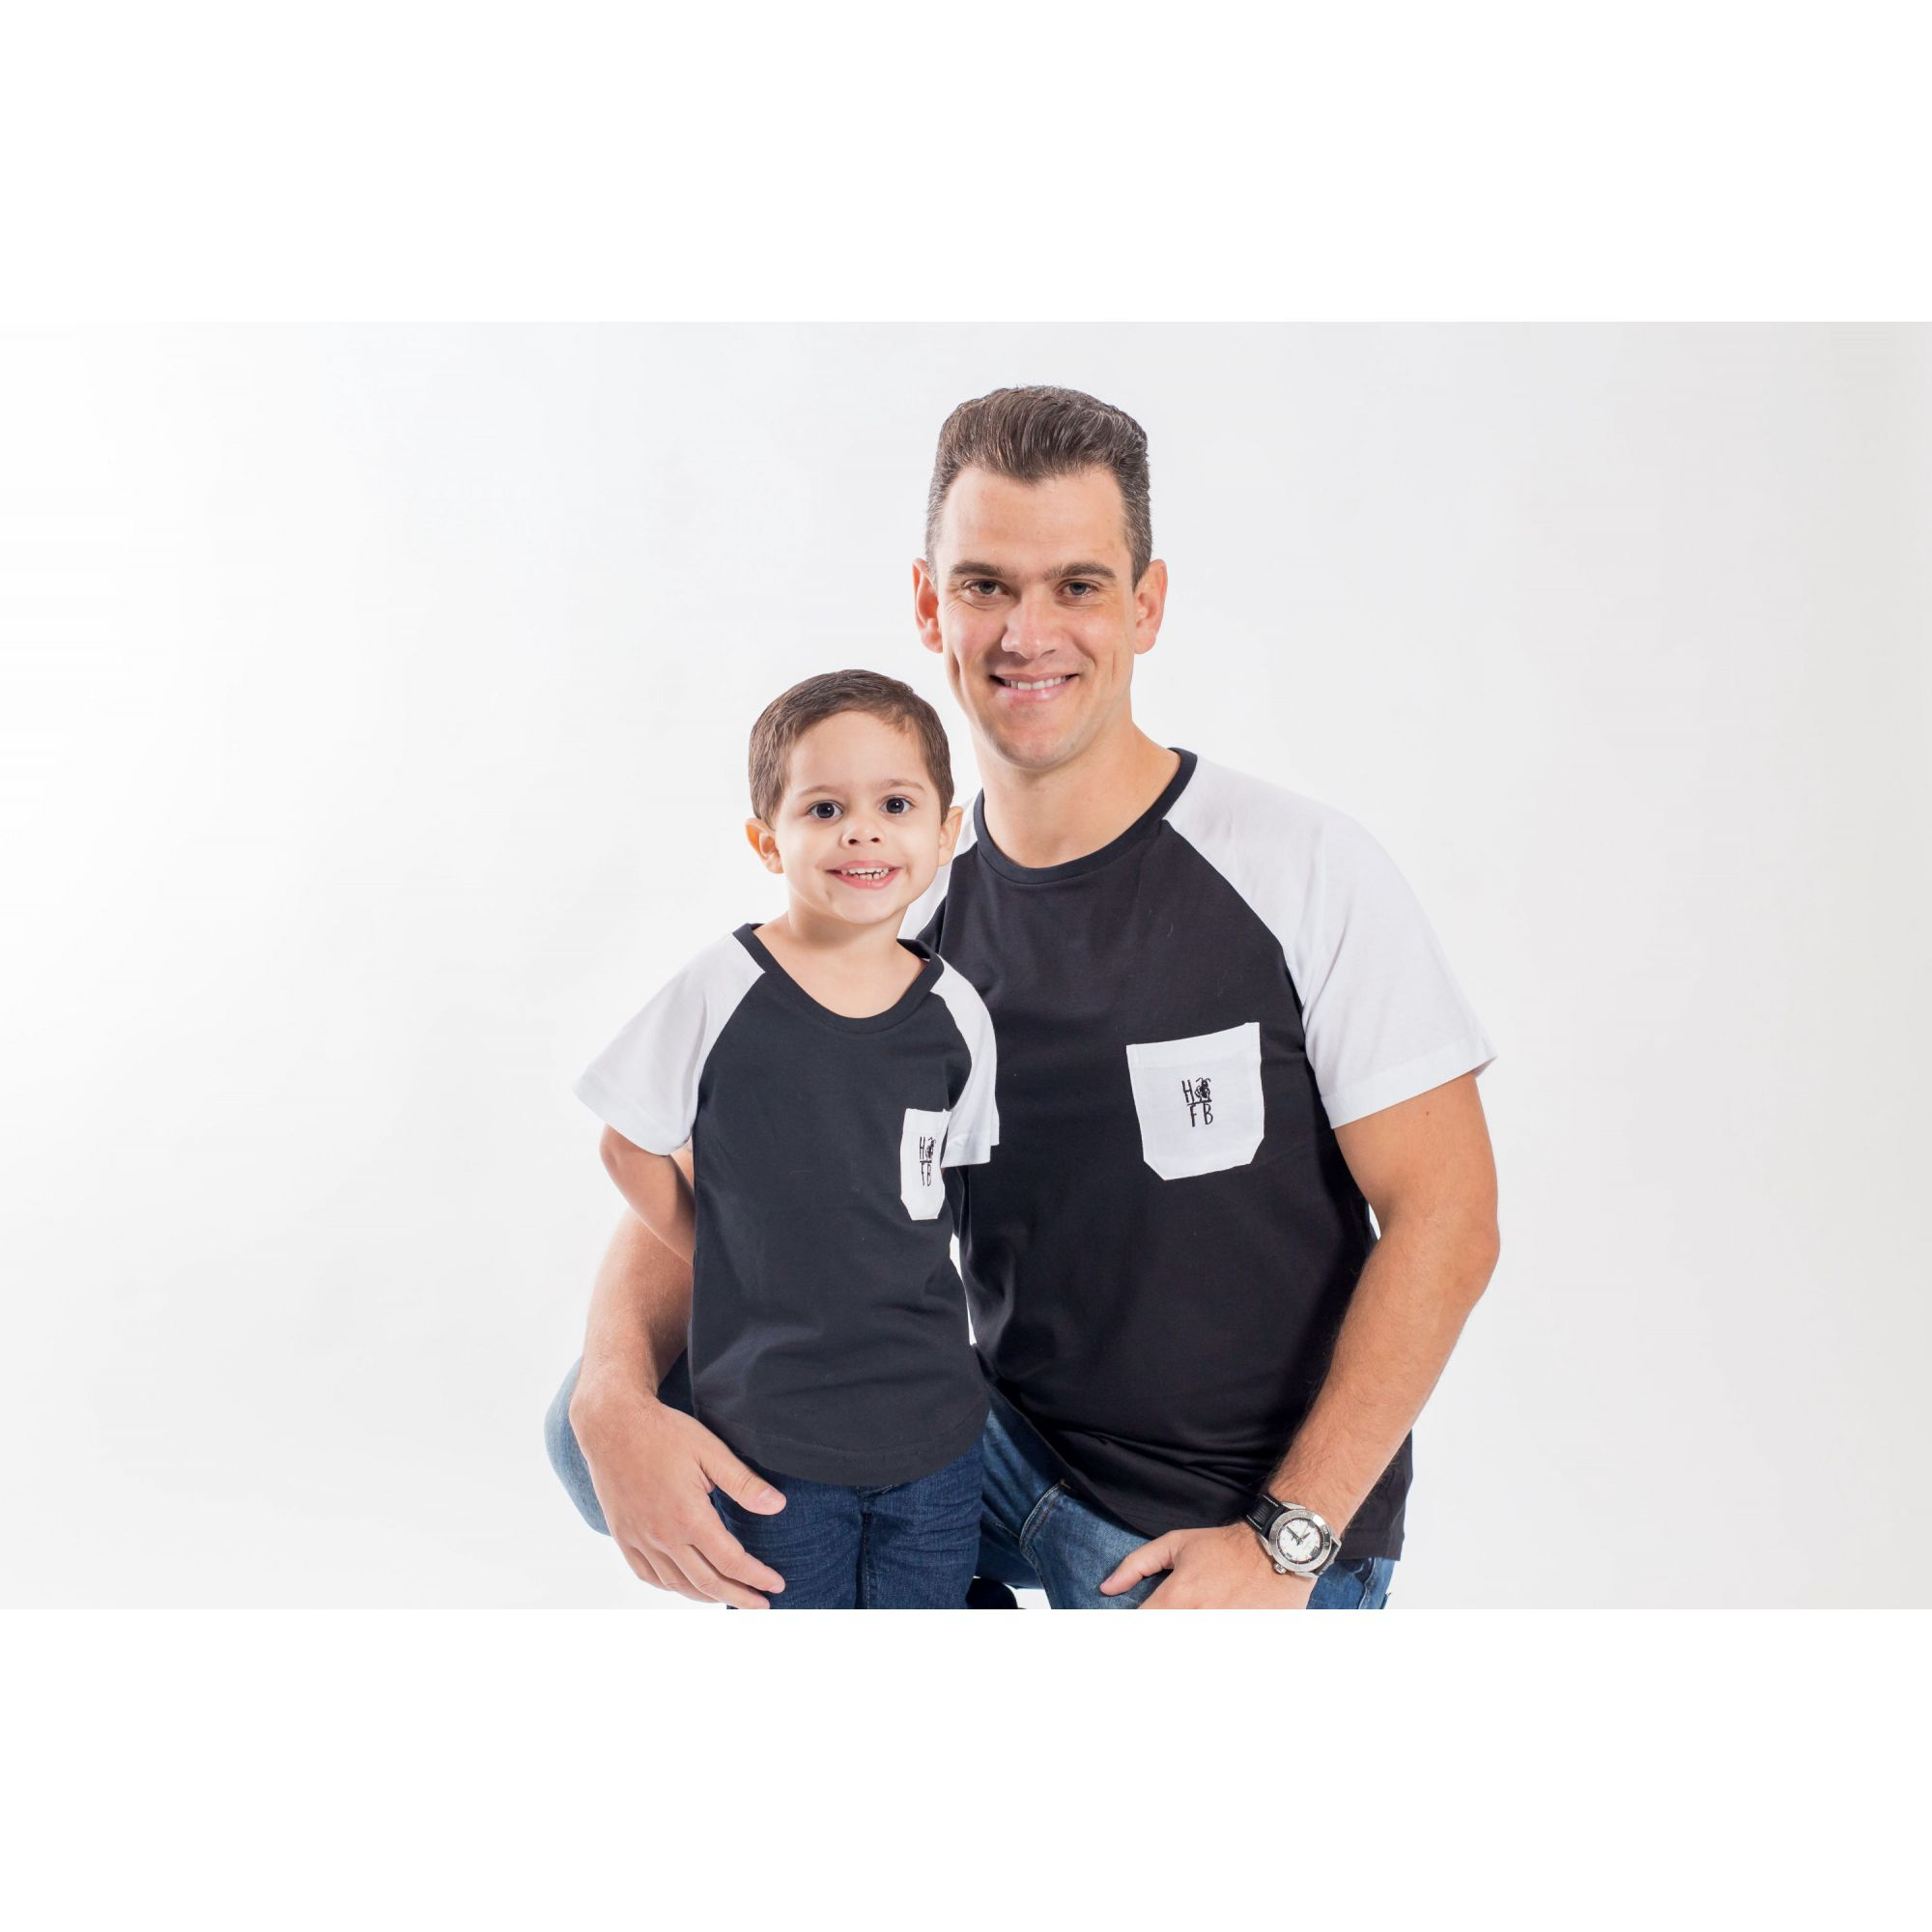 PAI E FILHO > Camiseta Raglan Long Preta com Bolso Branco [Coleção Tal Pai Tal Filho]  - Heitor Fashion Brazil